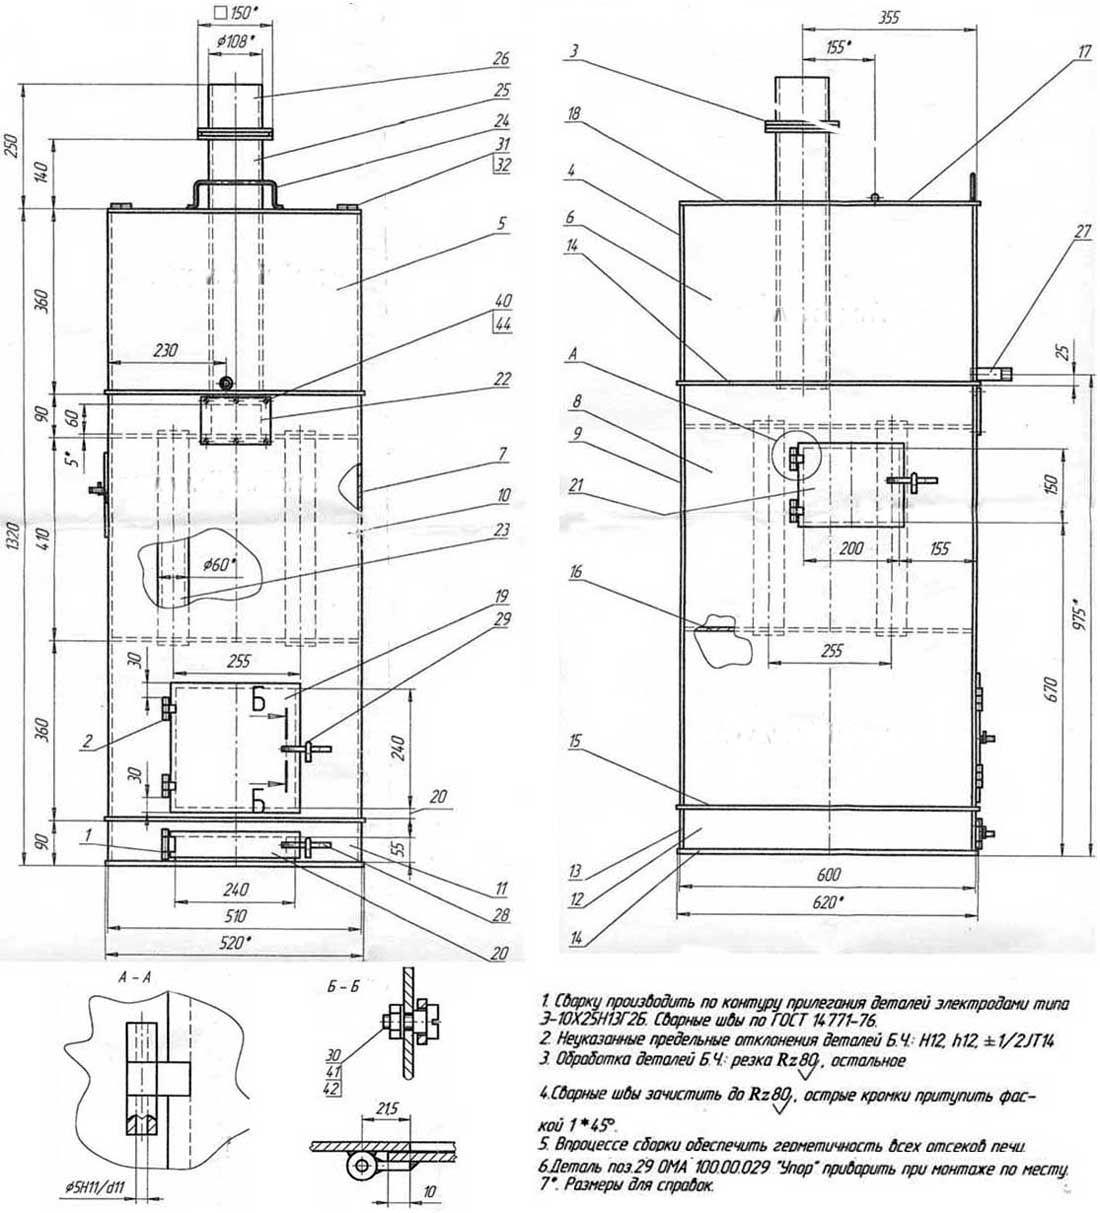 Банные печи своими руками схема и размеры фото 267